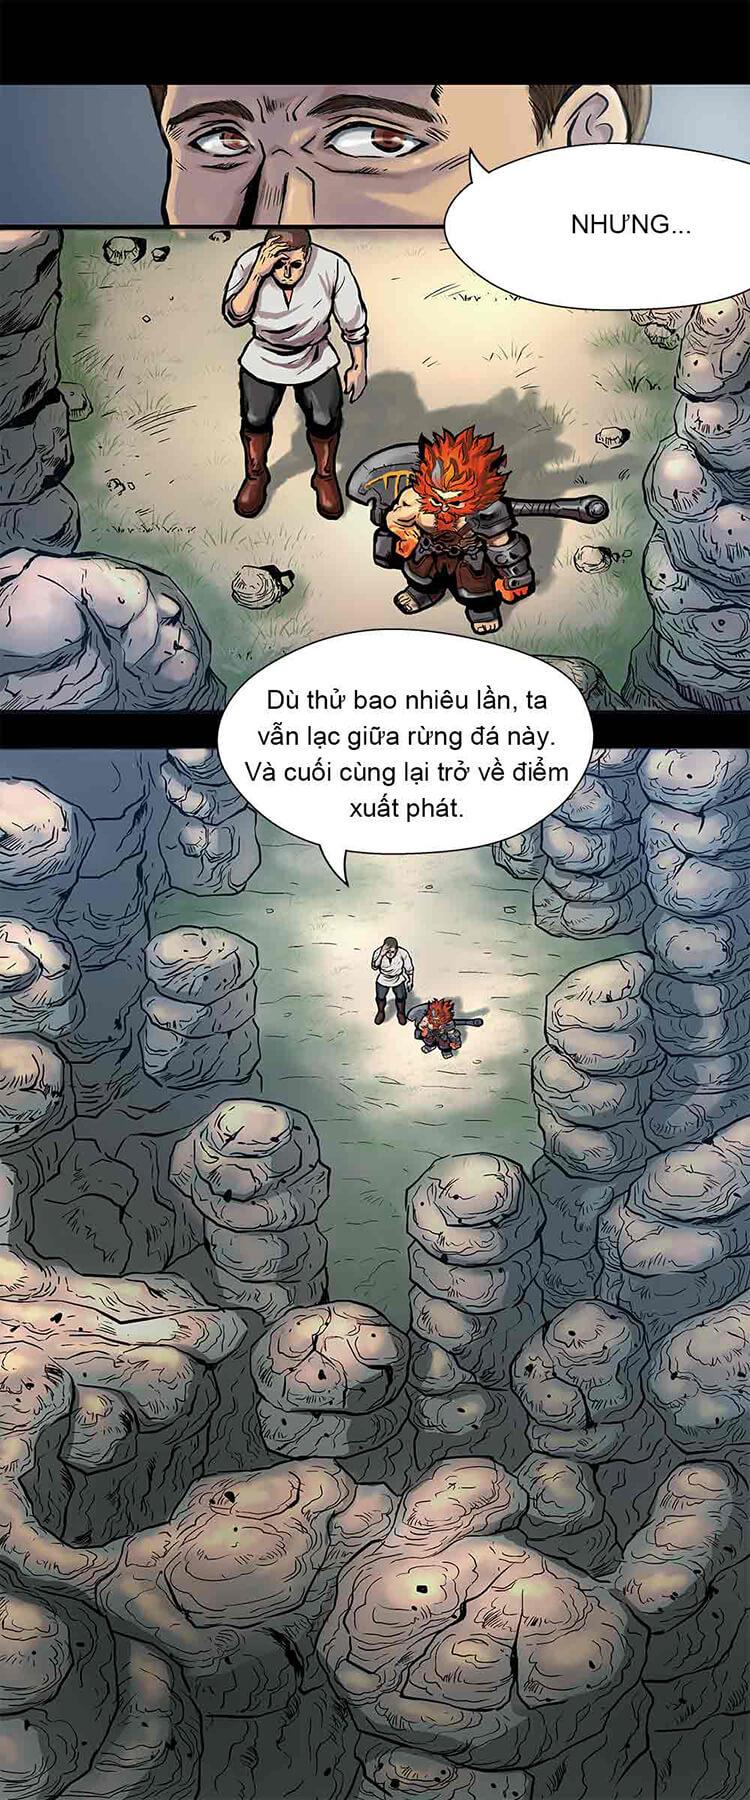 Mobile Legends: Bang Bang tung comic giới thiệu tướng mới Aulus - Ảnh 5